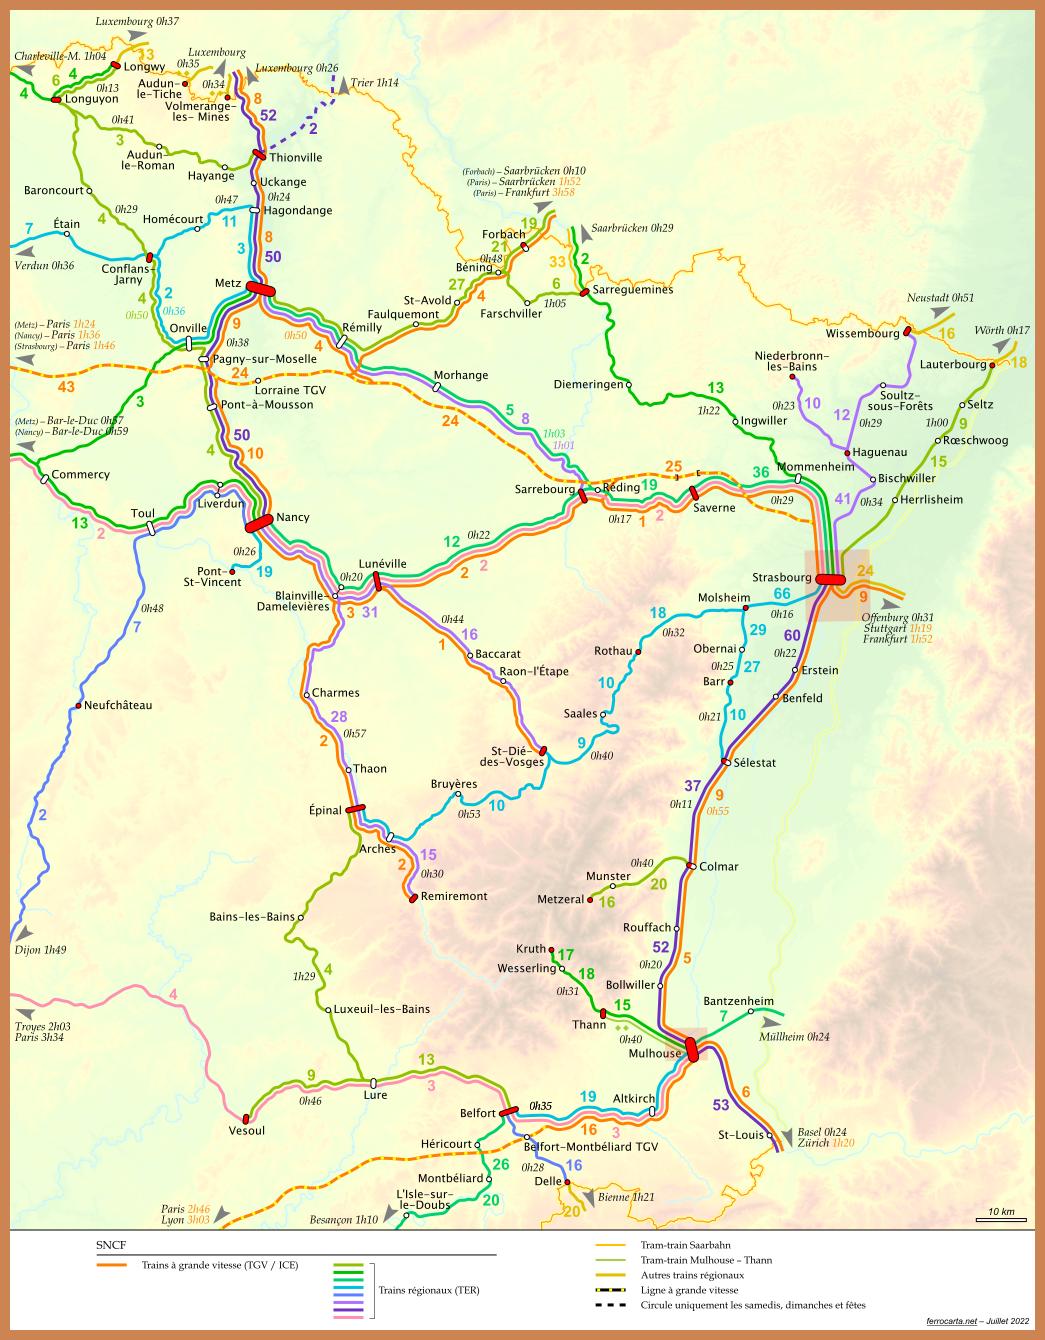 Carte Ferroviaire Alsace.Cartes Ferroviaires De La France Alsace Et Lorraine